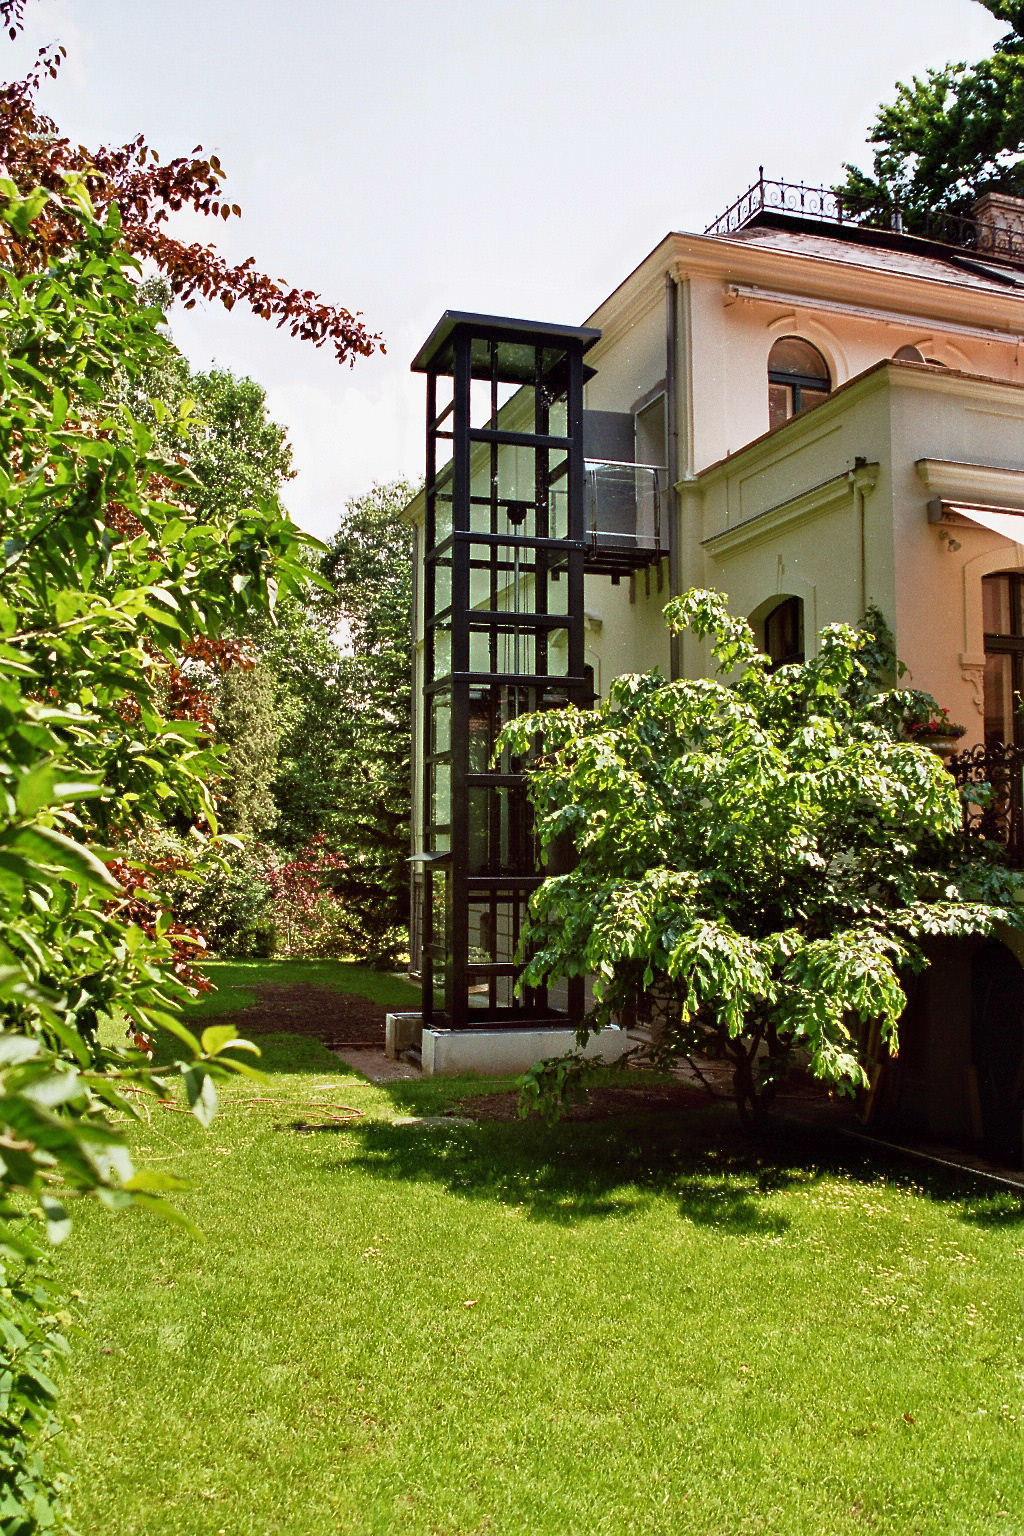 Hier wurde ein Außenaufzug aus Glas neben eine alte Villa gebaut